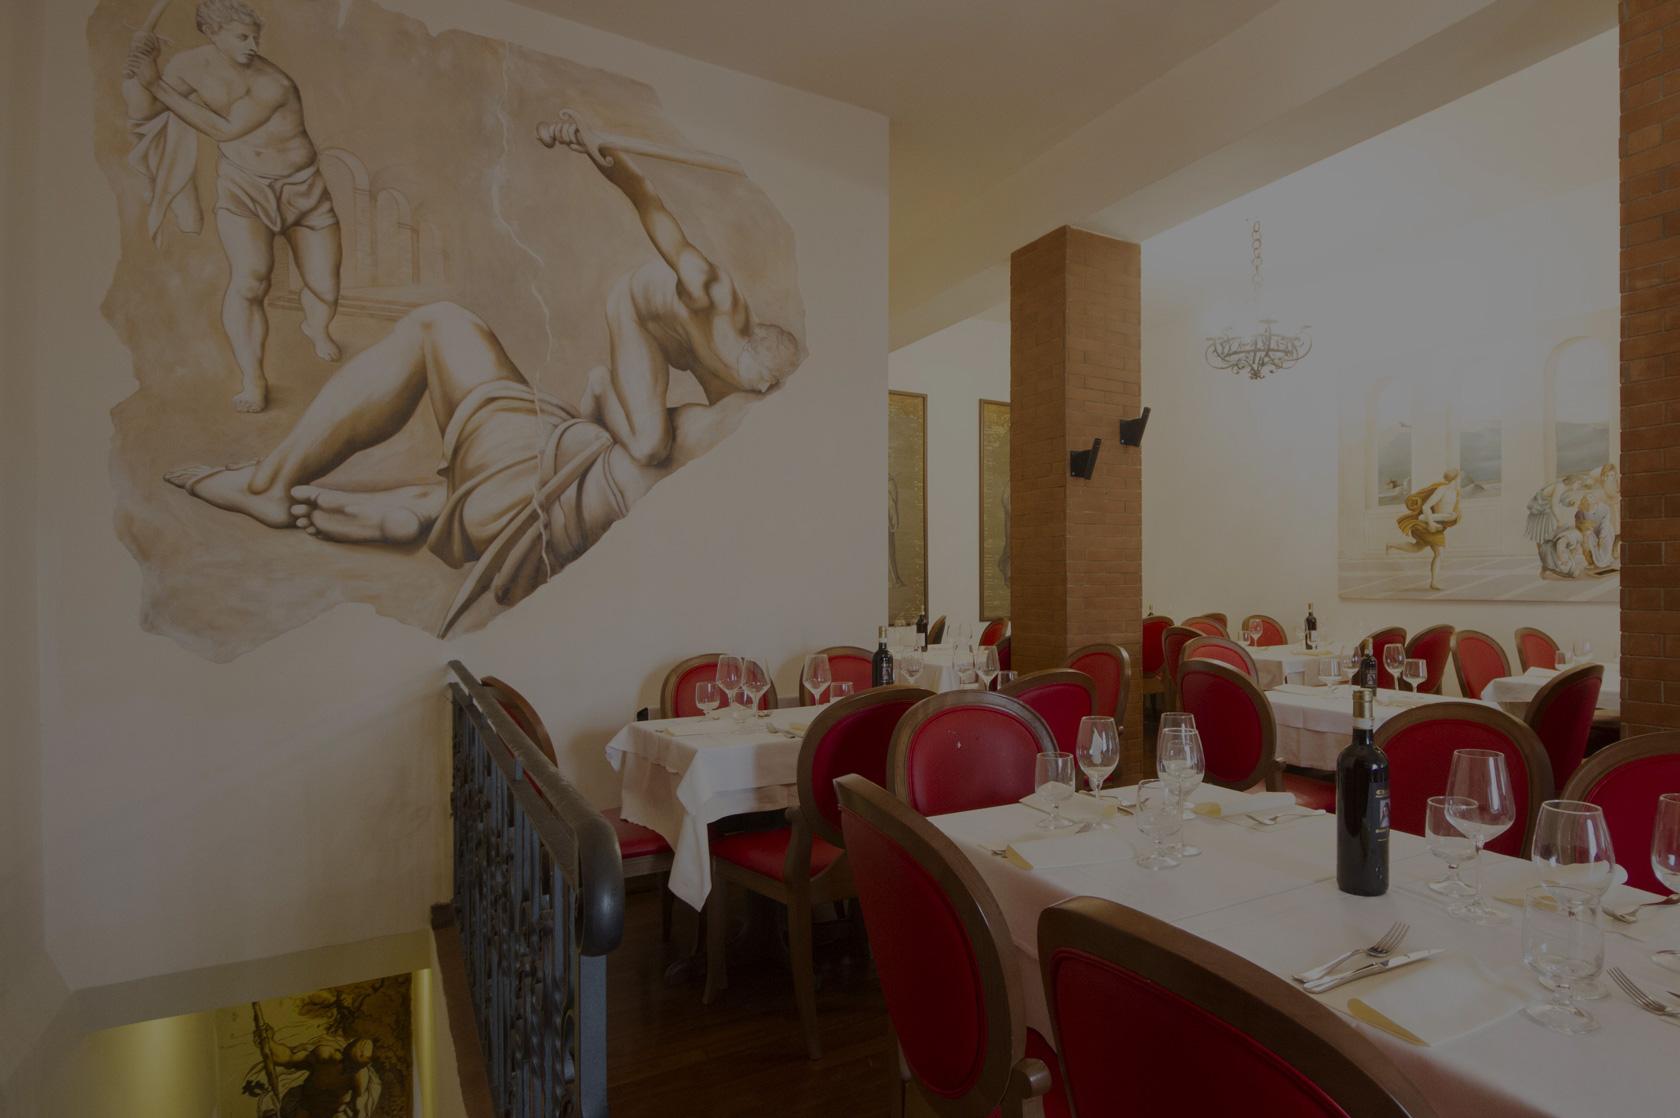 Ristorante a Firenze - Santa Felicità